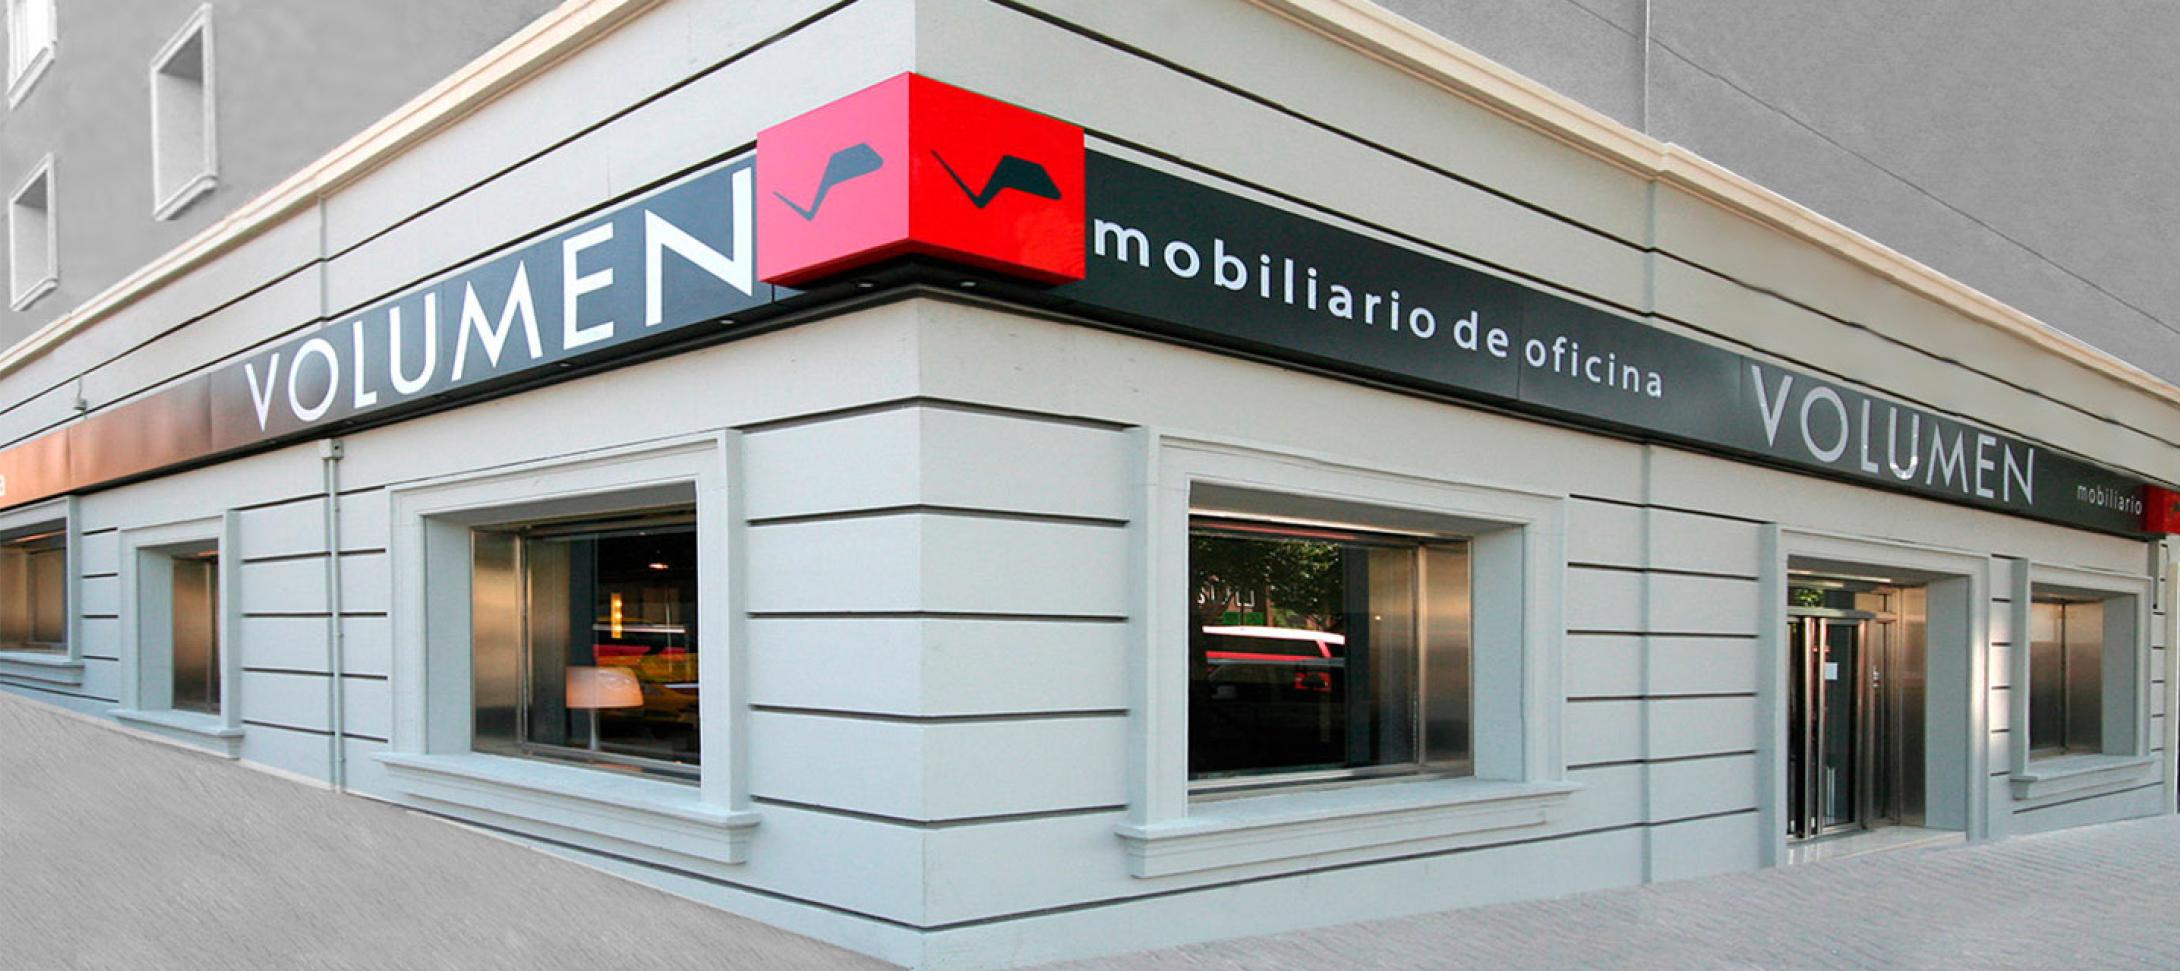 Nuevo horario de verano volumen for Horario oficinas bankinter madrid